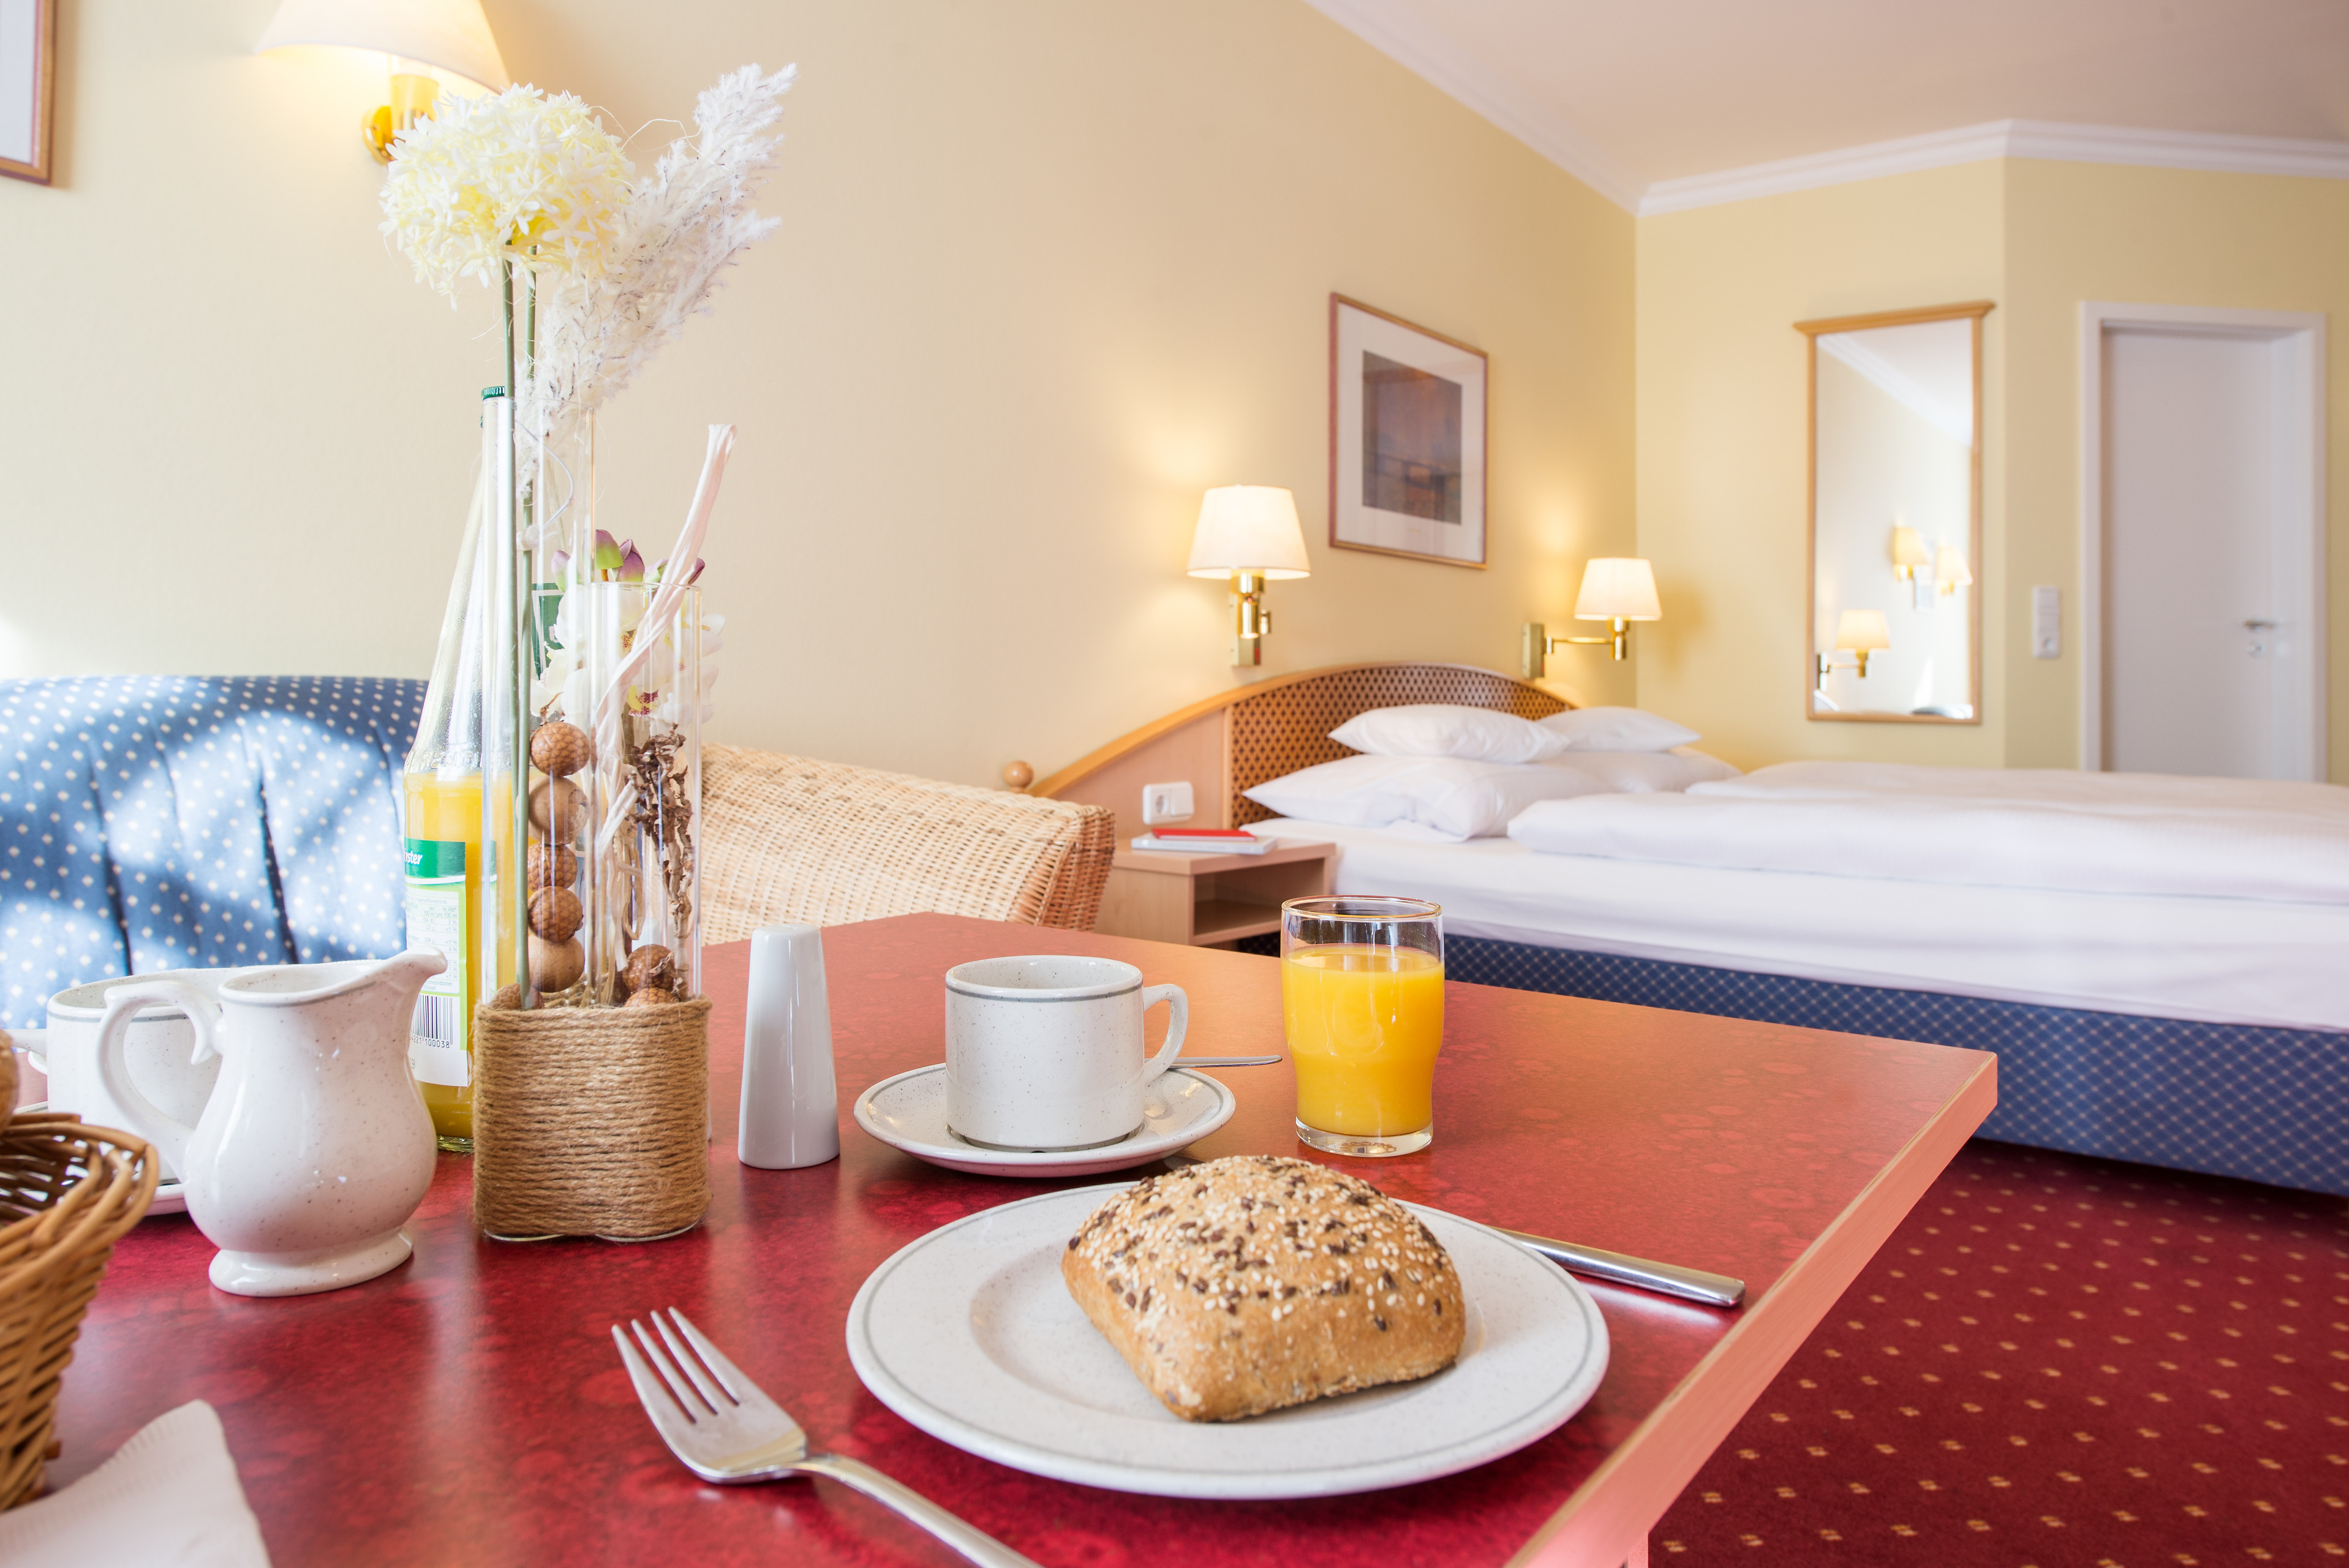 aparthotel k hlungsborn komfortable ferienwohnungen in appartement hotel f r den wohlf hl. Black Bedroom Furniture Sets. Home Design Ideas